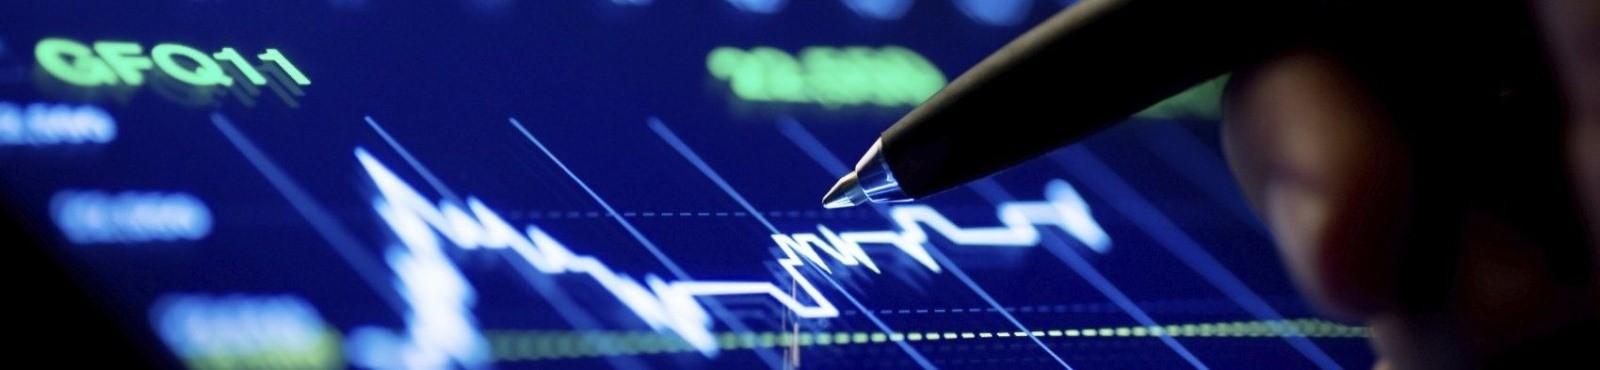 Оценка текущей стоимости